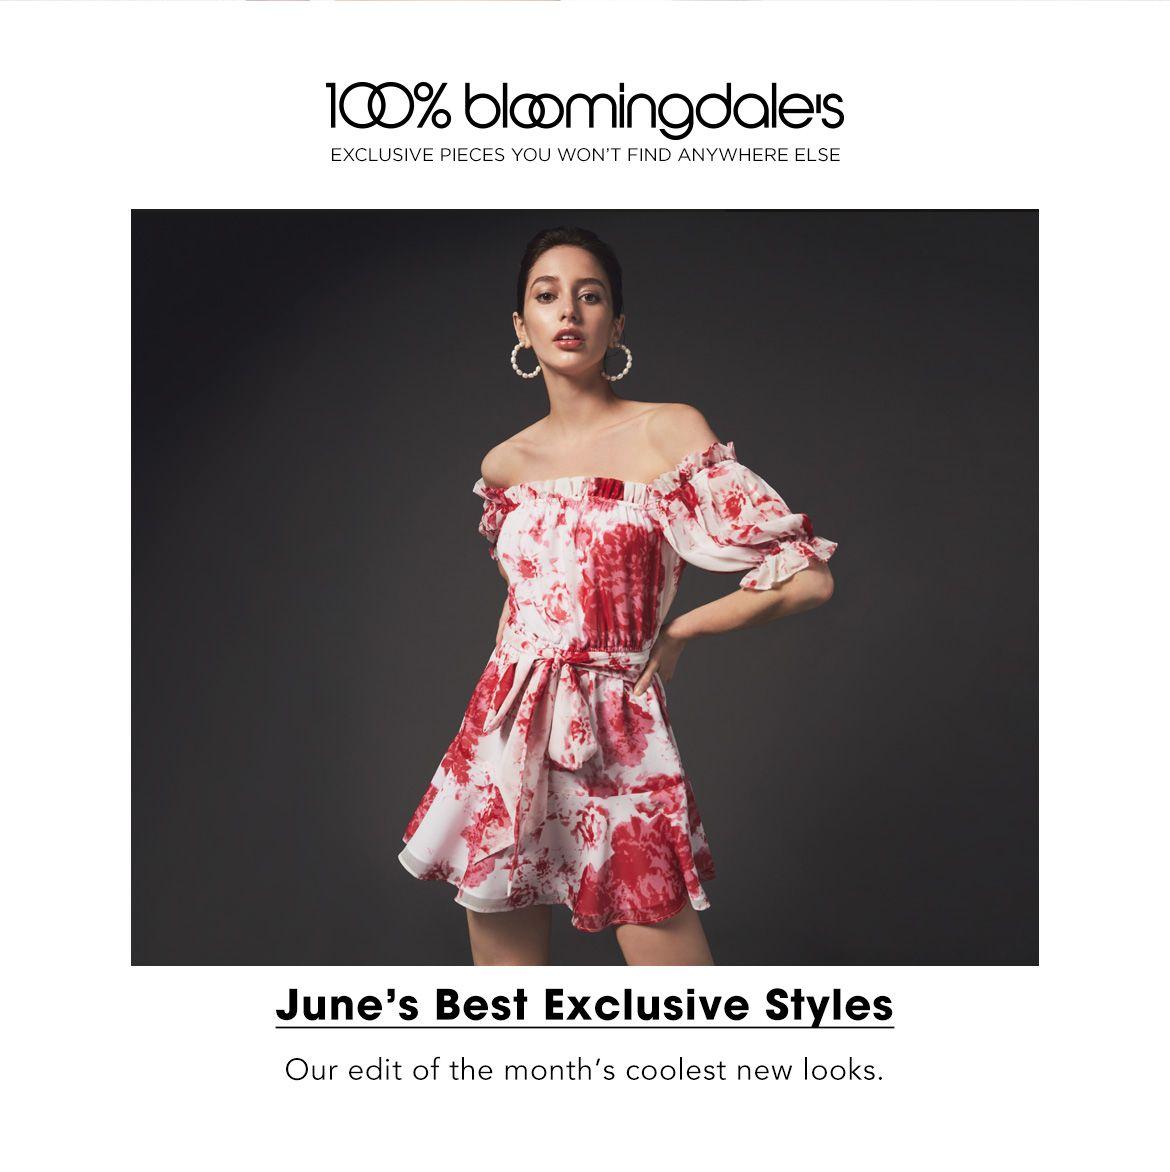 June's Best Exclusive Styles